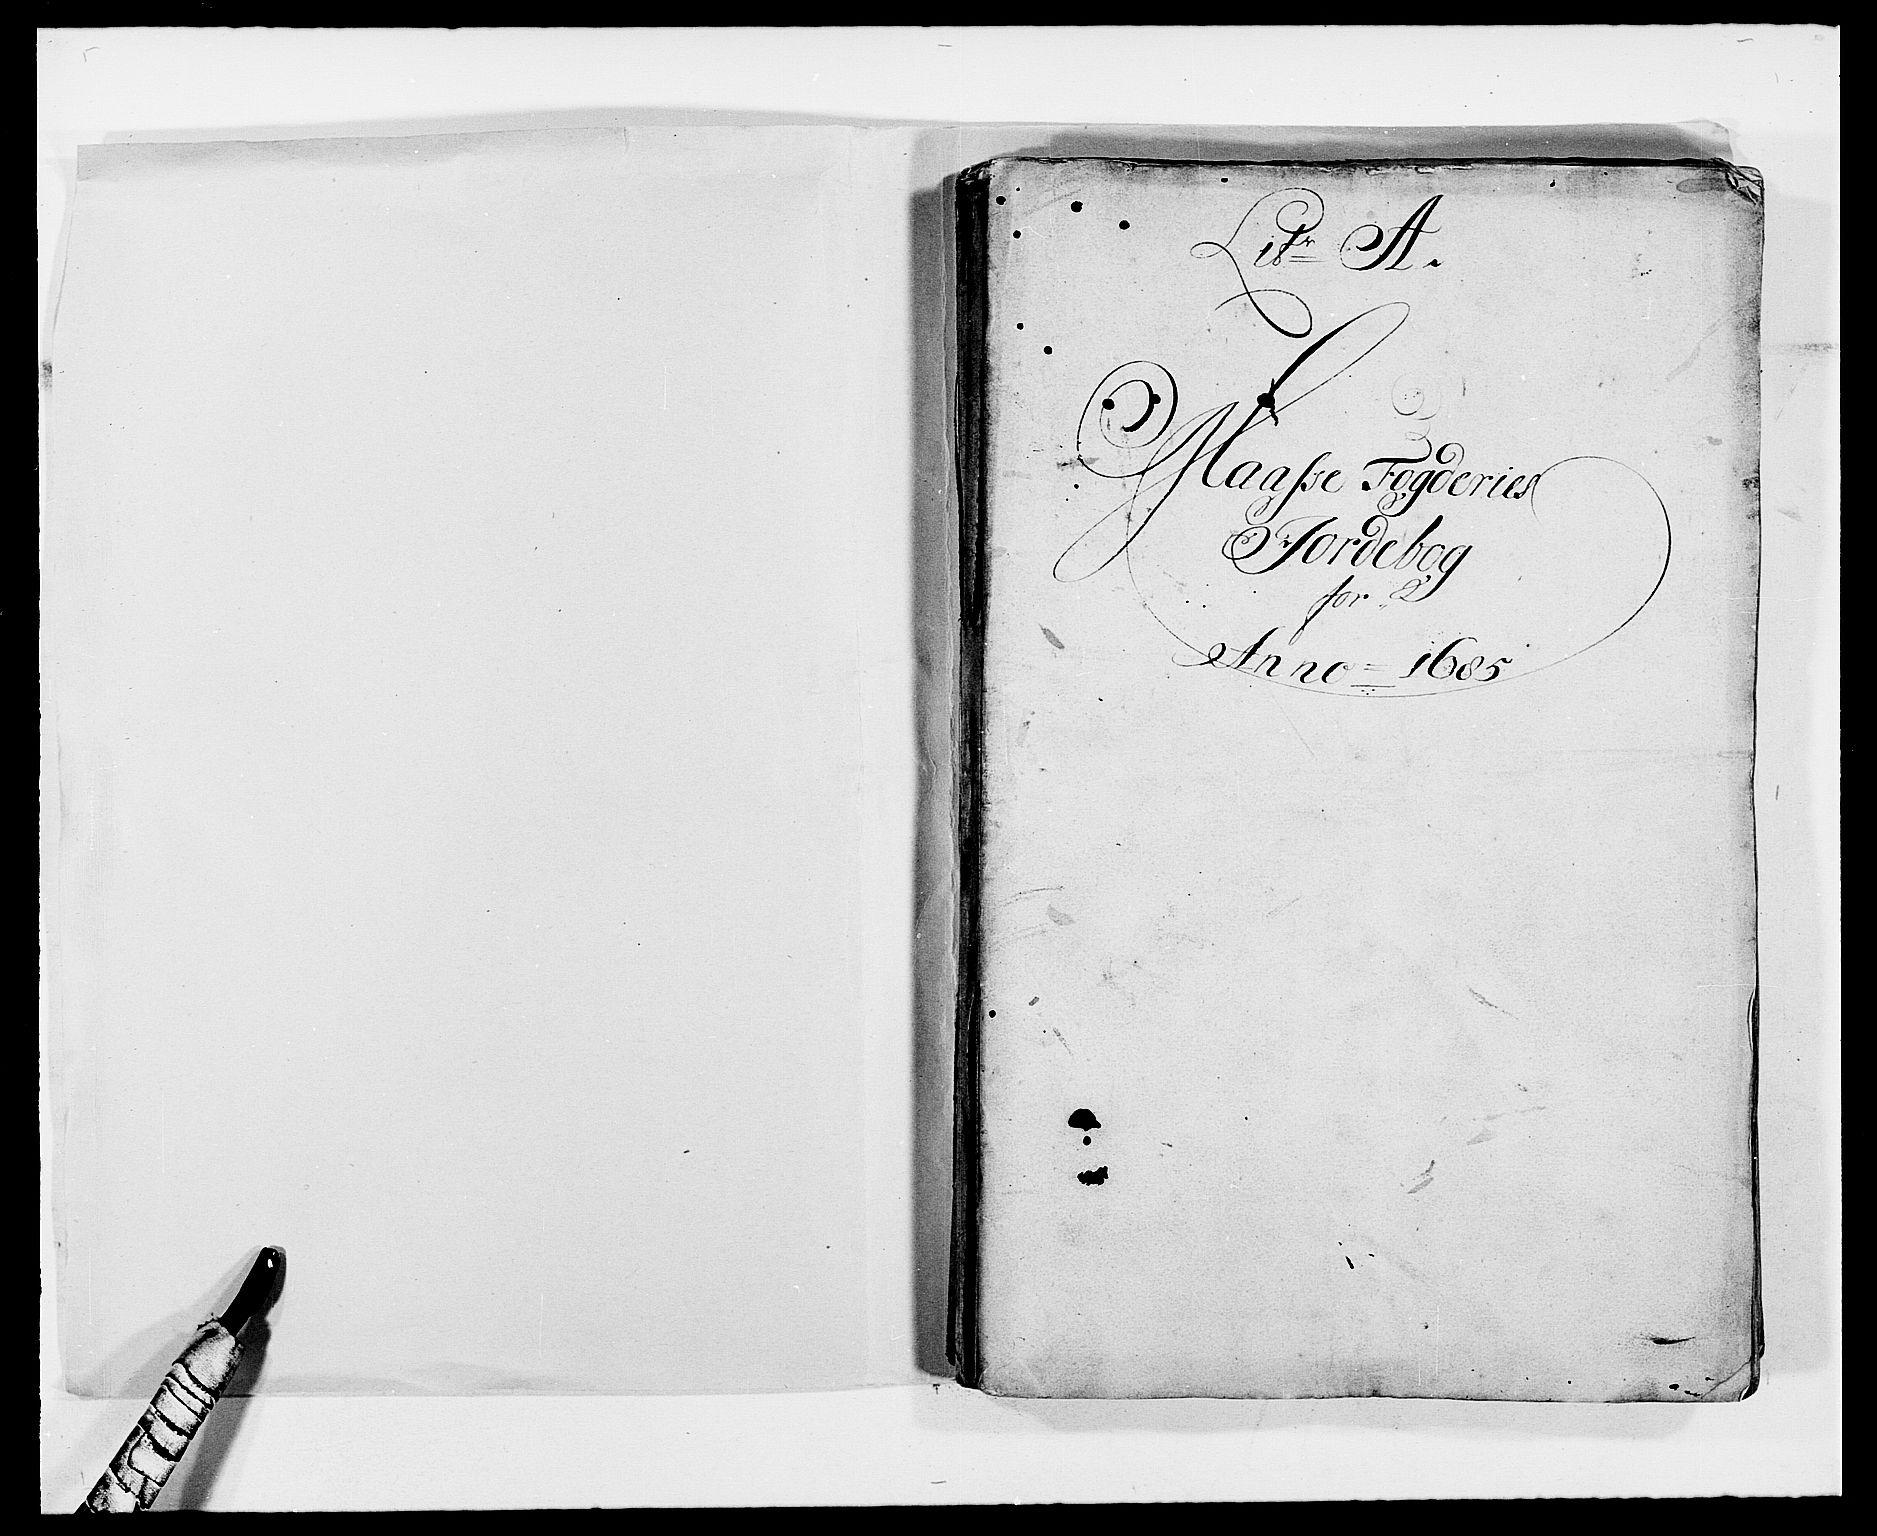 RA, Rentekammeret inntil 1814, Reviderte regnskaper, Fogderegnskap, R02/L0105: Fogderegnskap Moss og Verne kloster, 1685-1687, s. 14